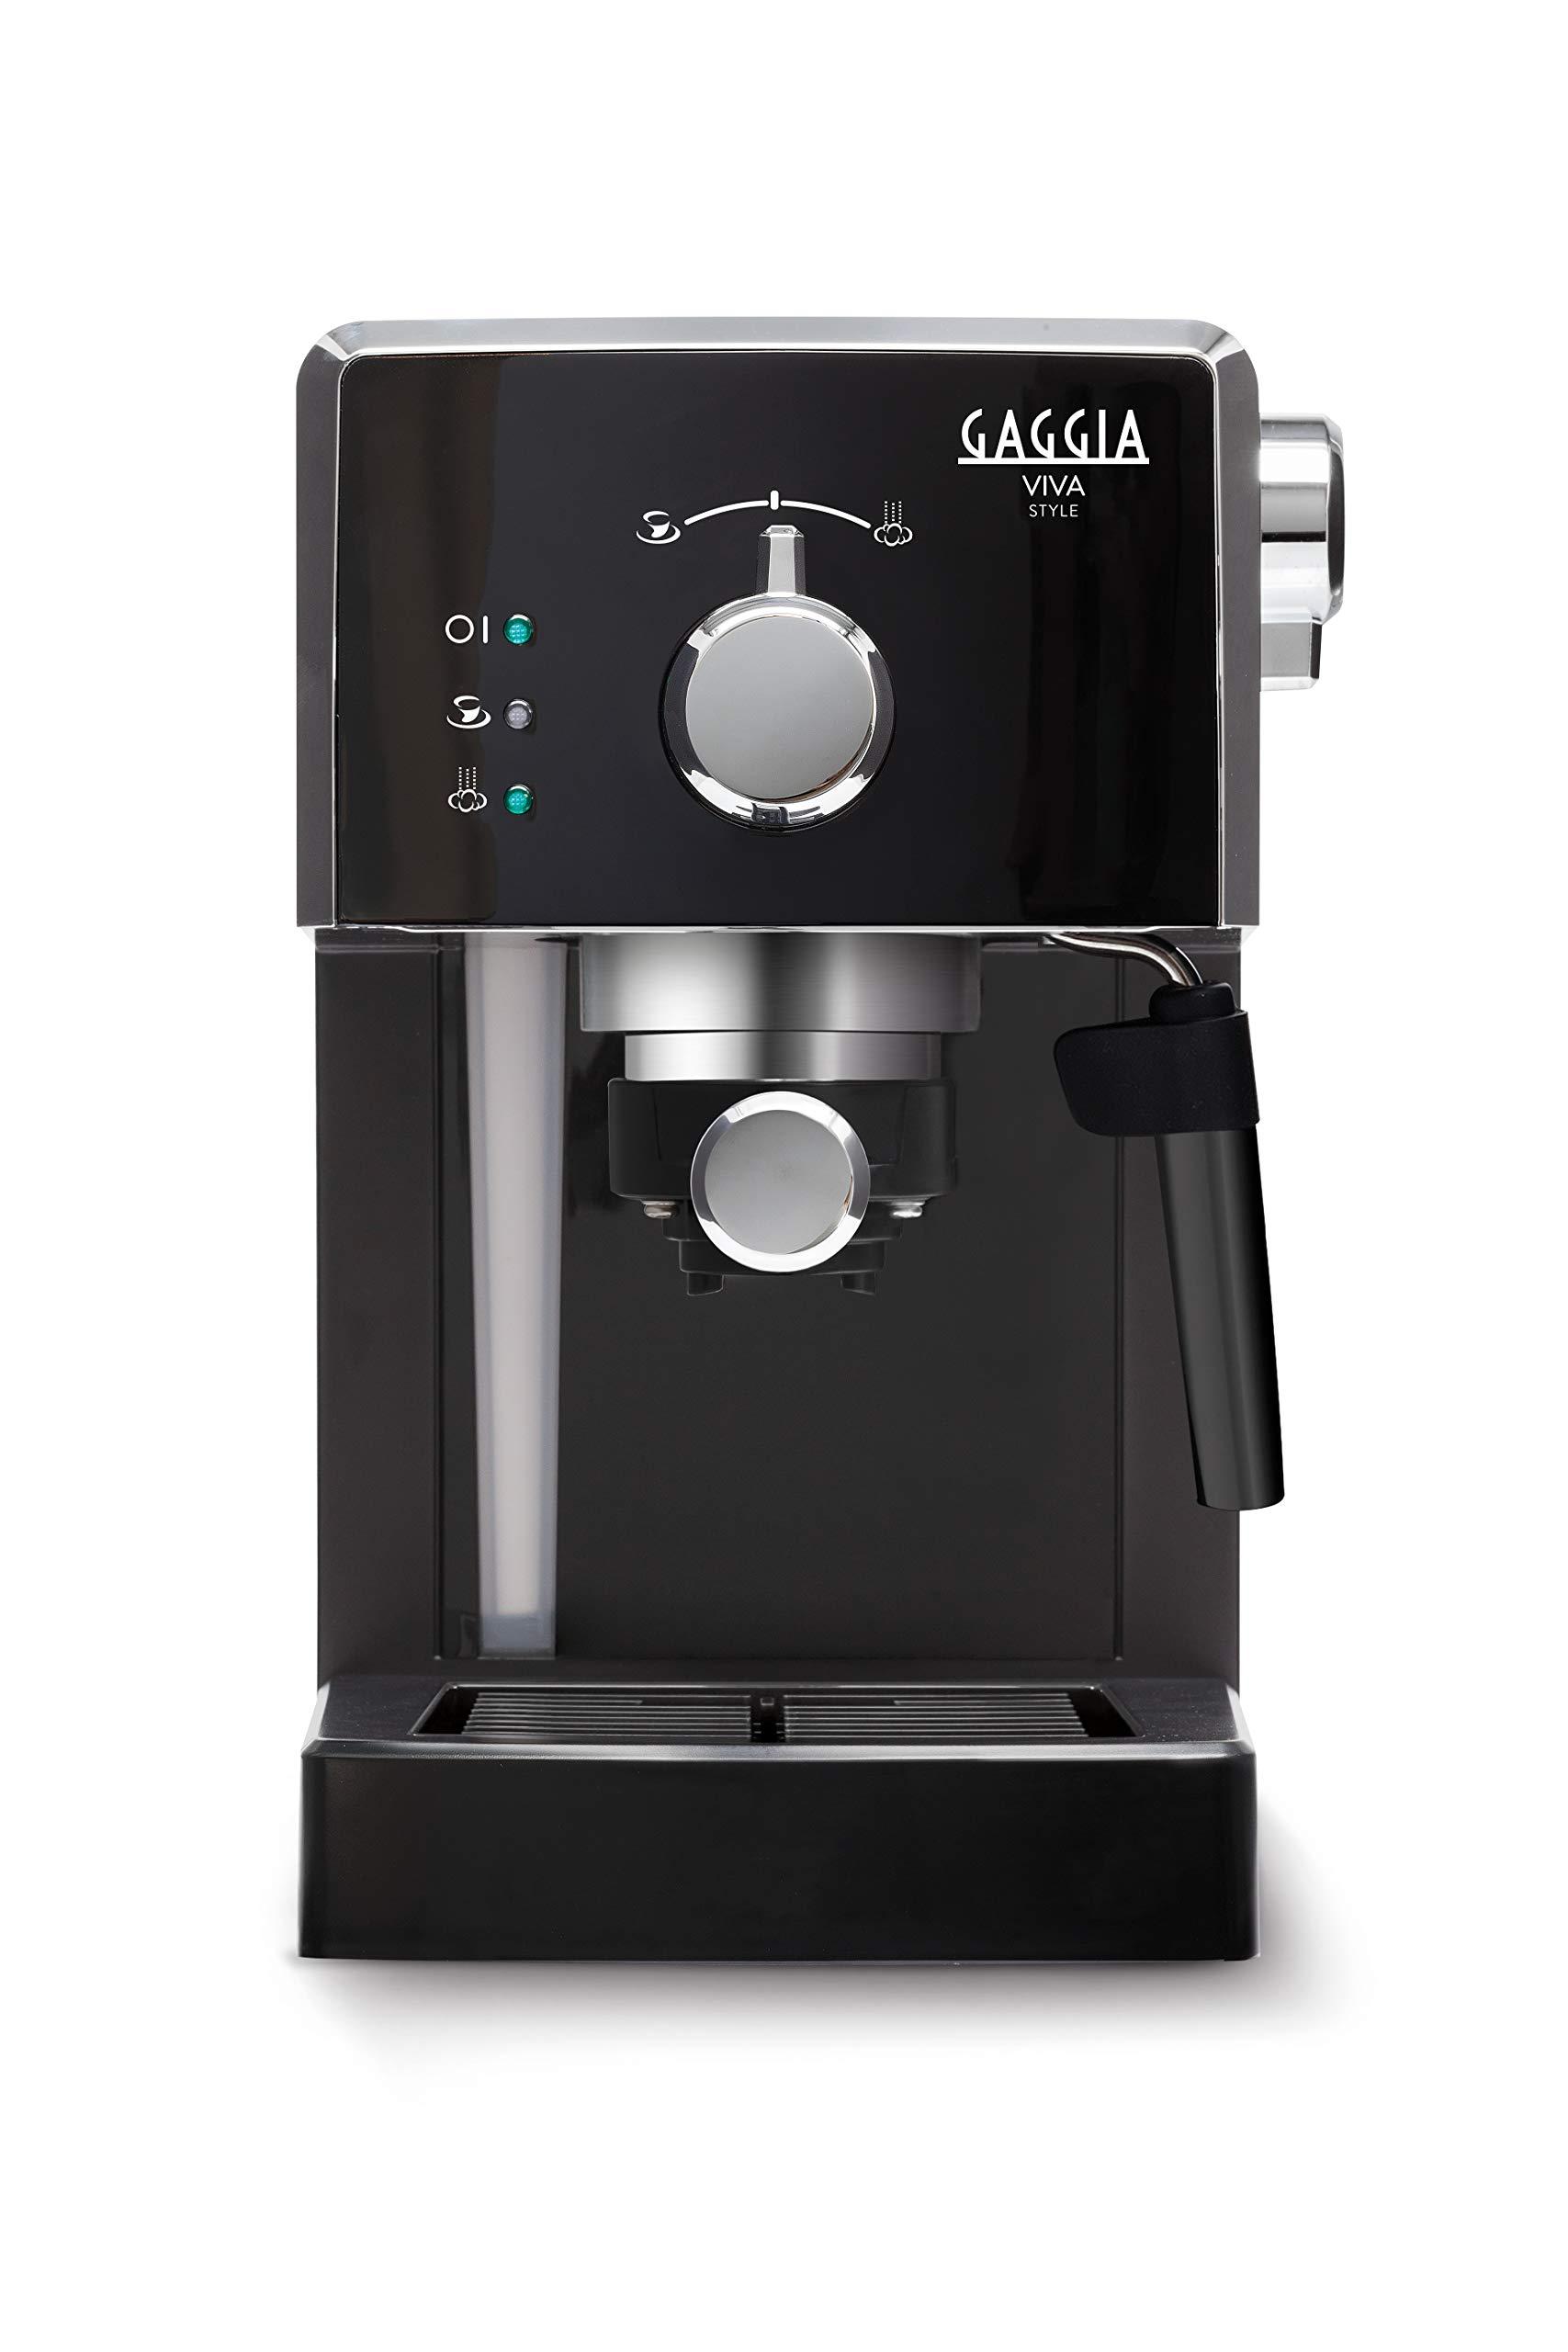 Gaggia Viva Style Macchina da Caffè Espresso Manuale, per Macinato e Cialde, RI8433/11 2 spesavip